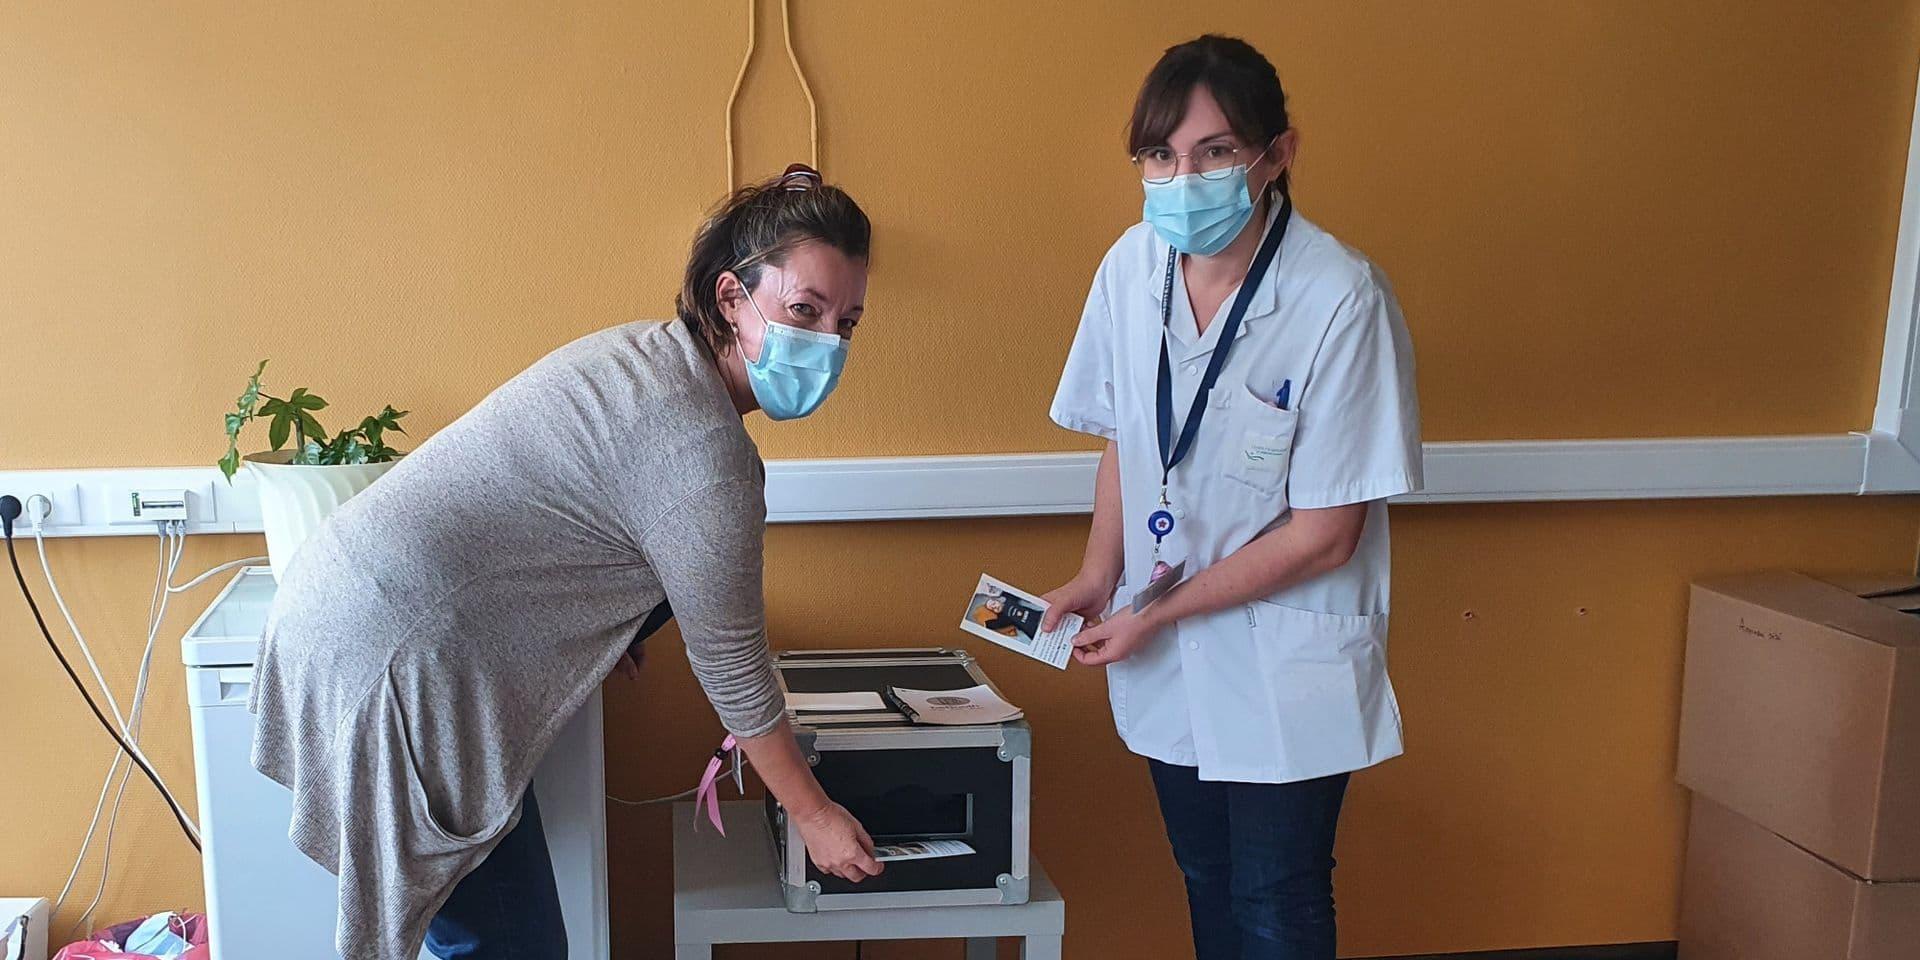 CHwapi: des photos pour rendre le sourire aux personnes hospitalisées